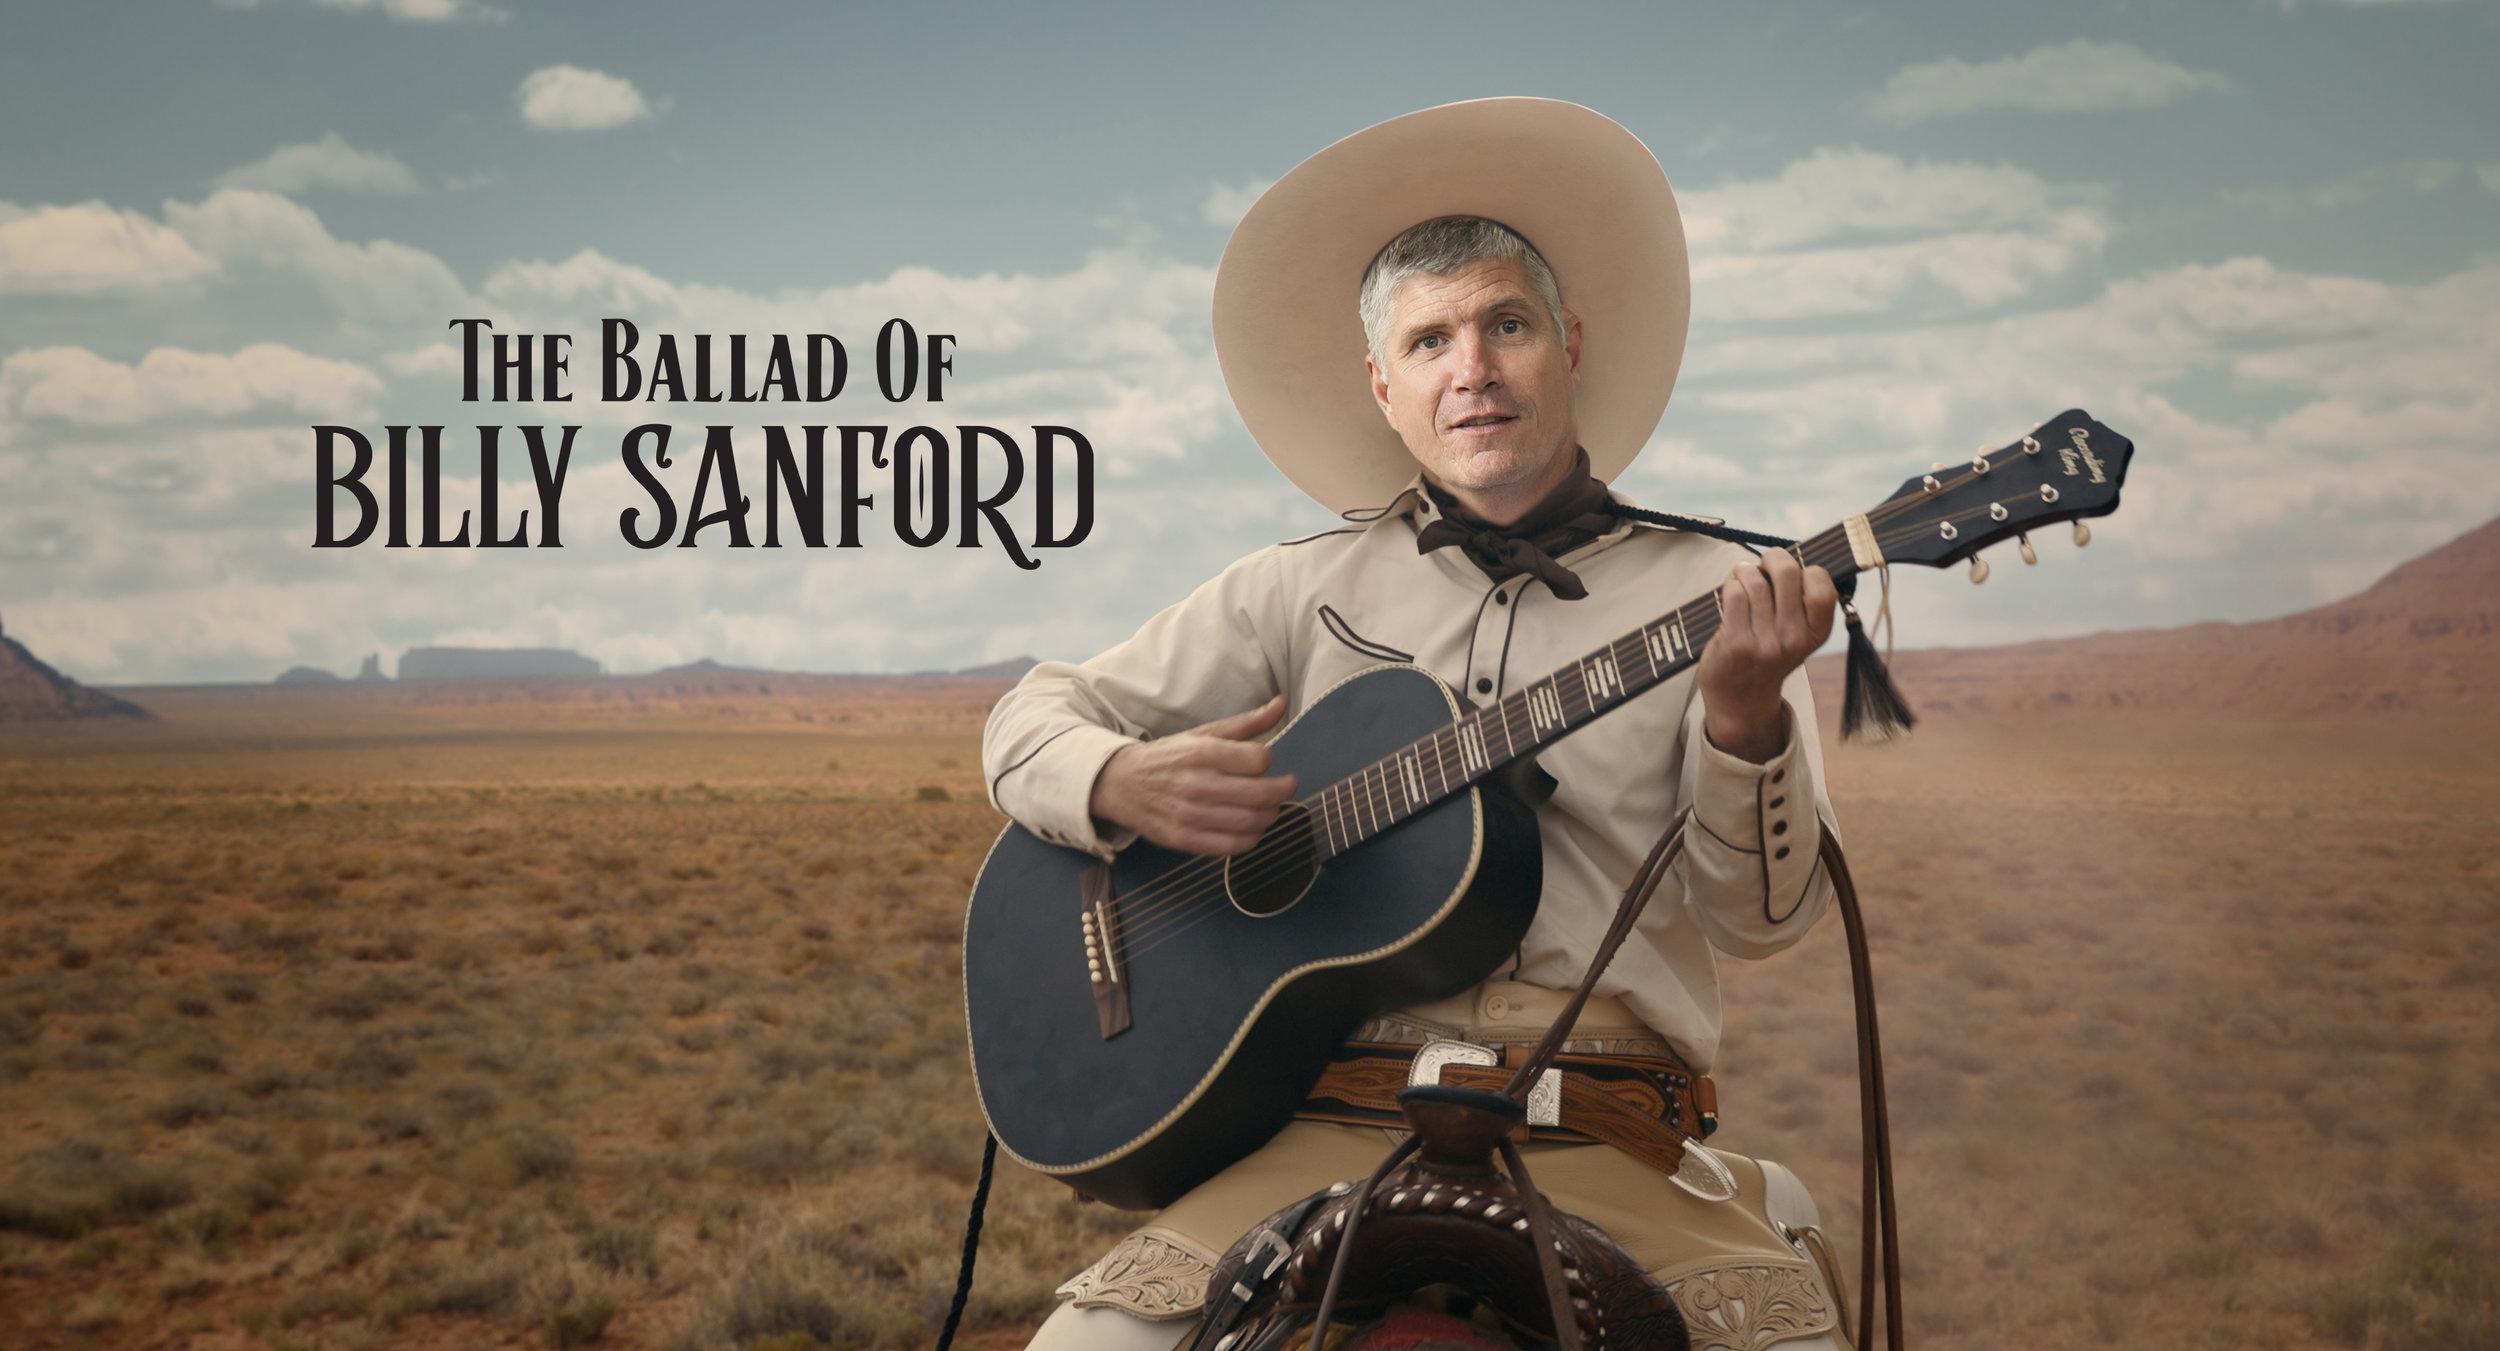 Ballad-of-Billy-Sanford.jpg